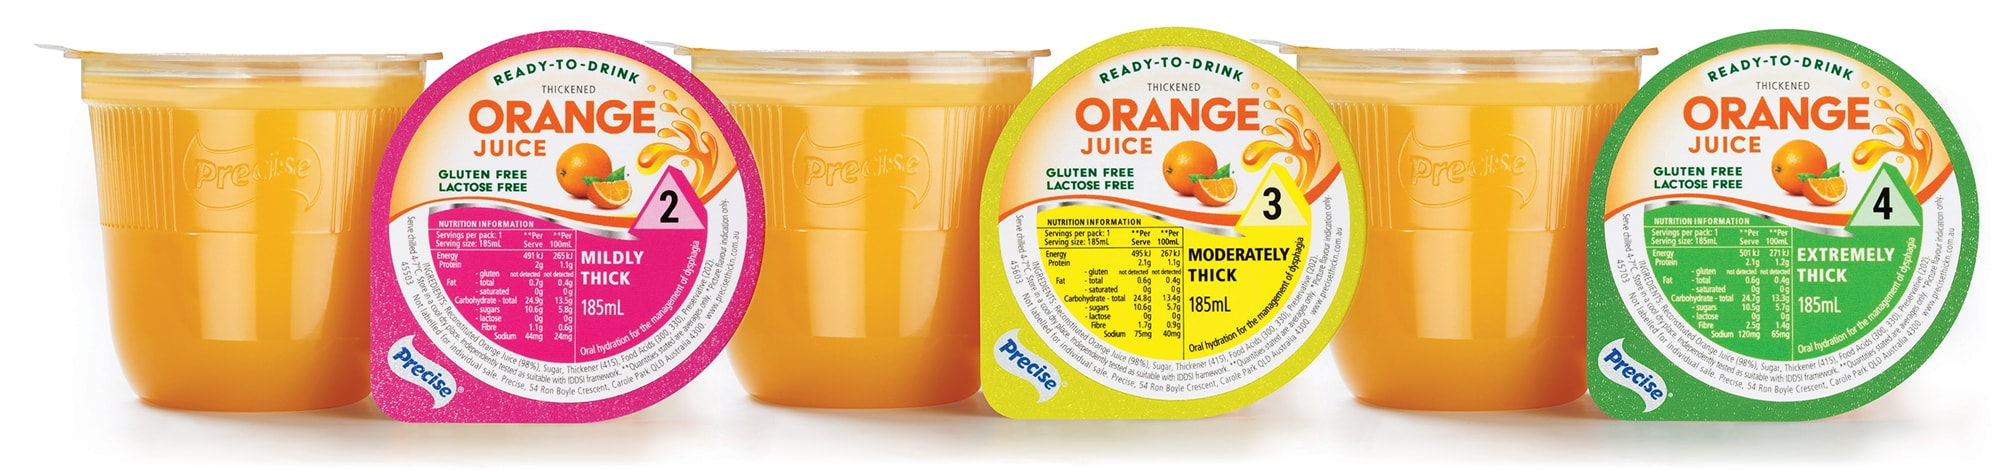 RTD Orange Juice